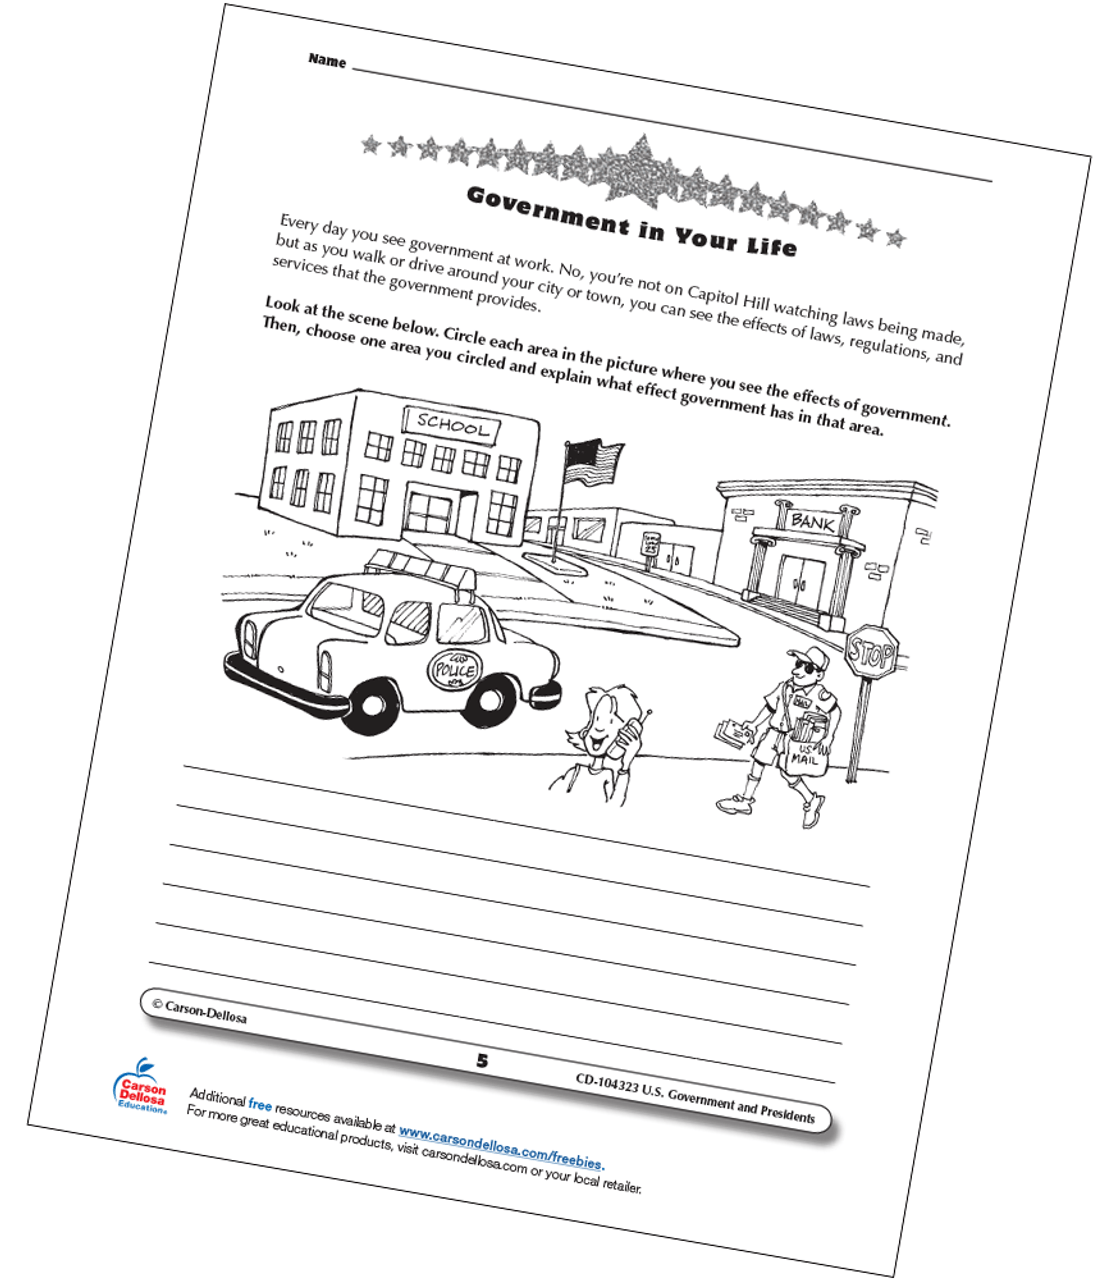 small resolution of Identify Government in Your Life Grades 3-5 Free Printable   Carson Dellosa